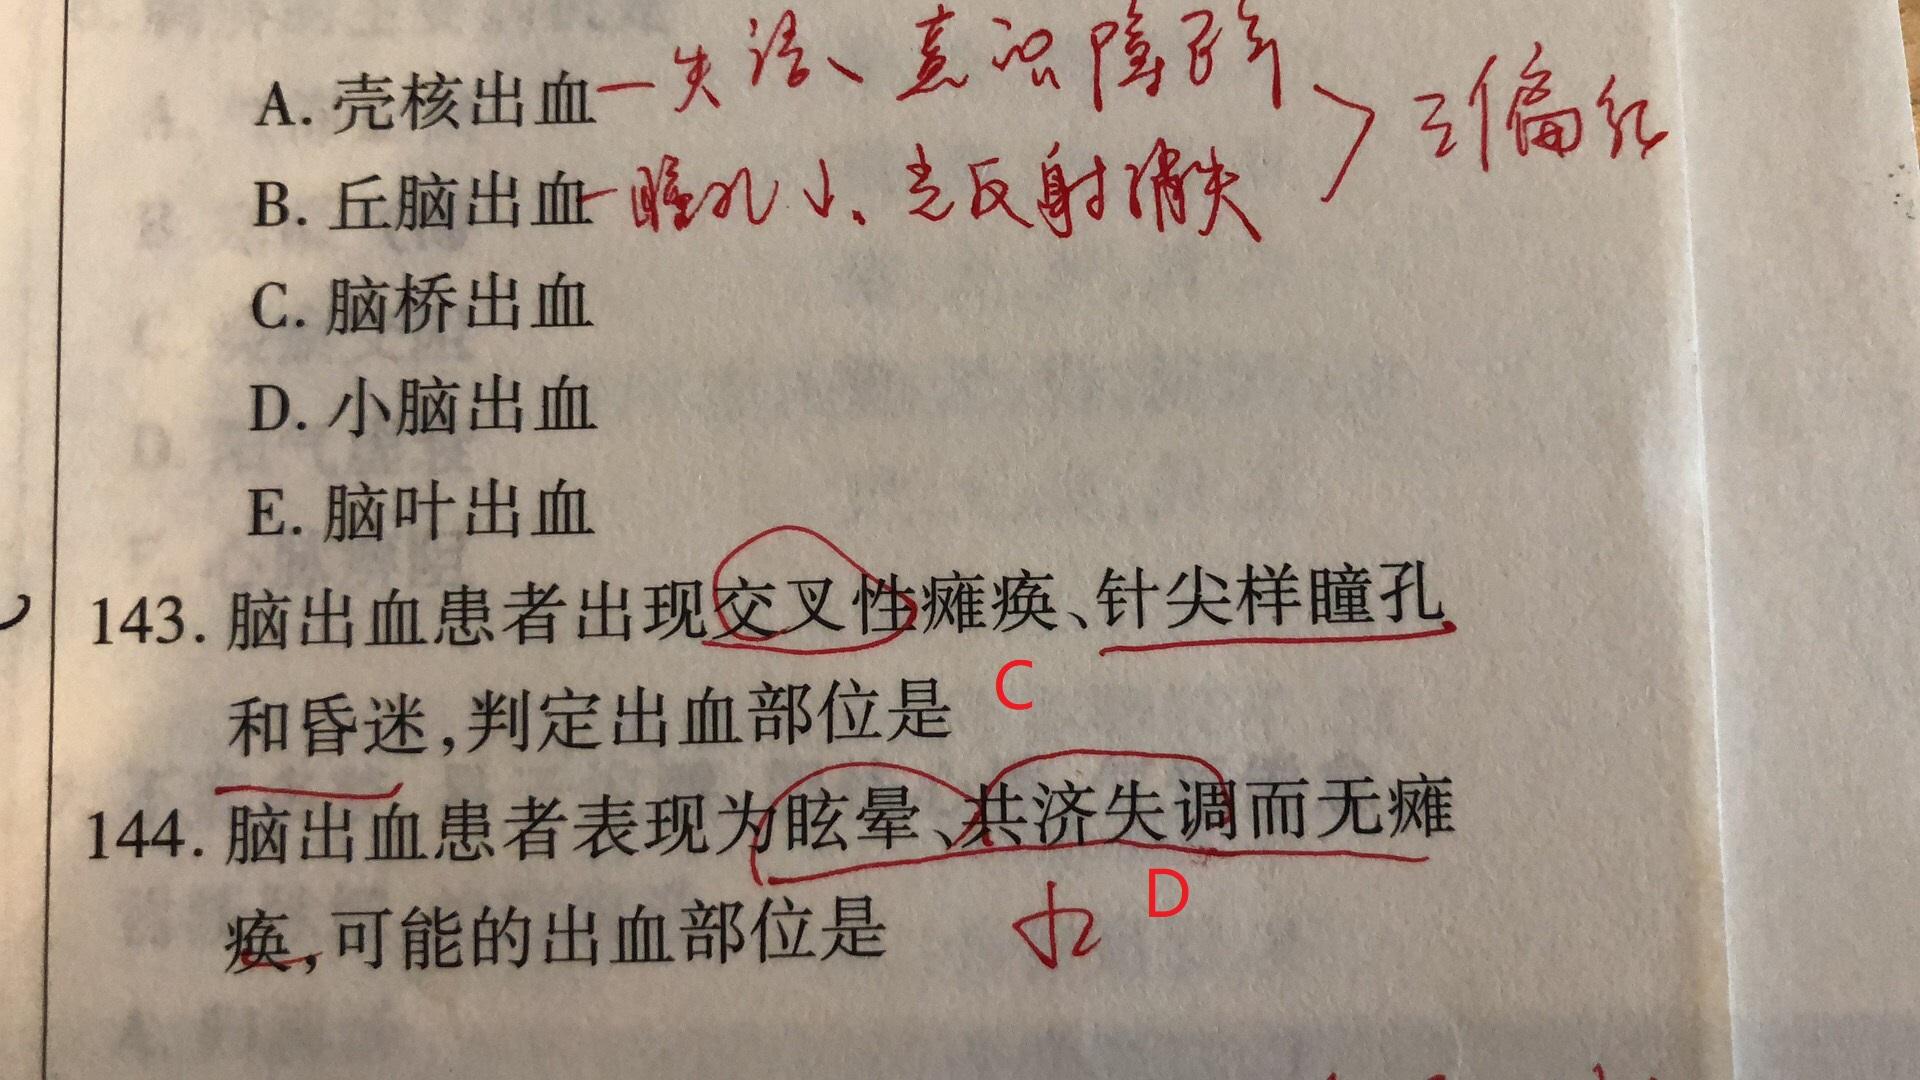 2019年中医执业医师考试综合笔试真题(网友版1)